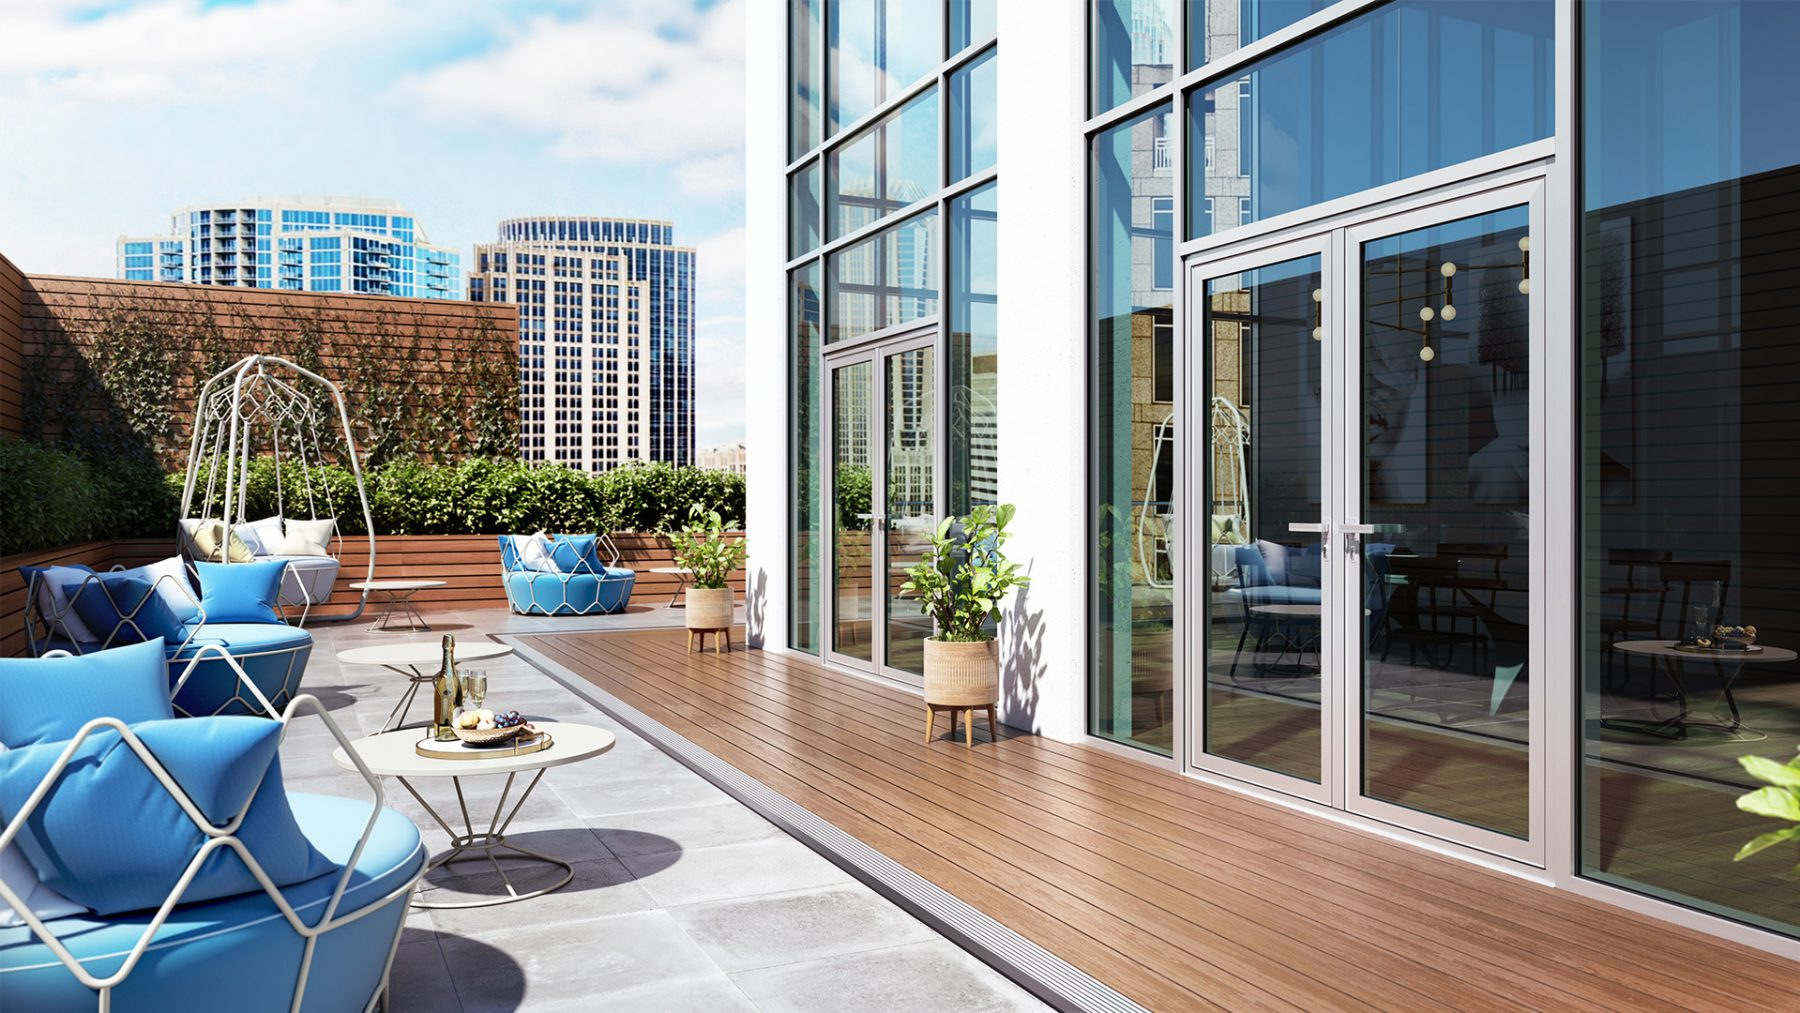 3d patio exterieur terasse meubles soleil urbain